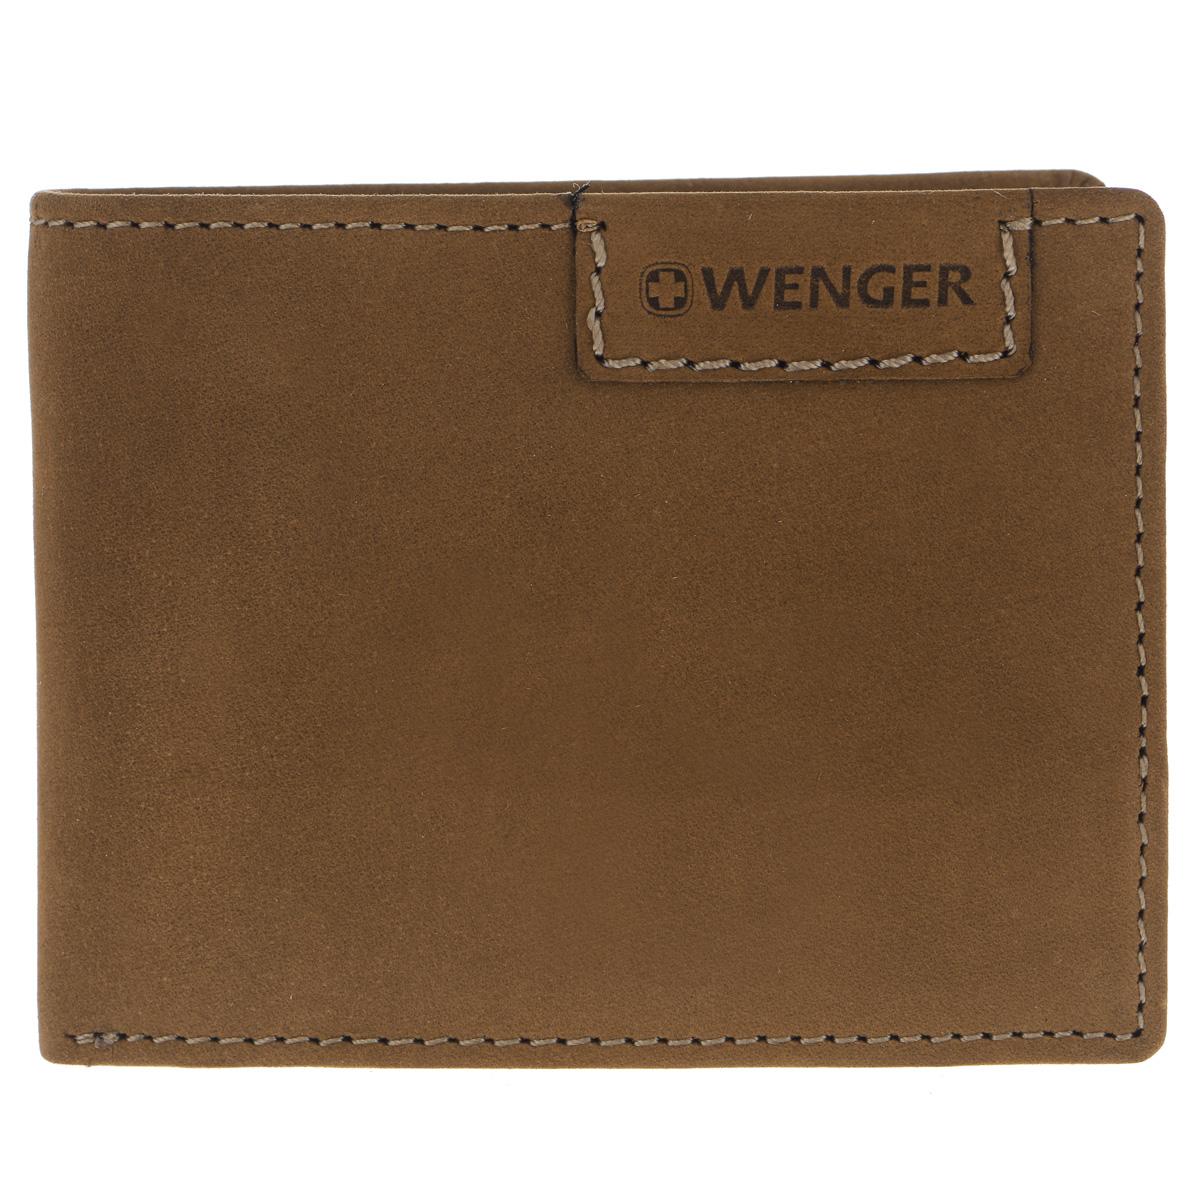 Портмоне мужское Wenger, цвет: коричневый. W11-09AQYHA03387-KRP0Стильное мужское портмоне Wenger изготовлено из натурального нубука и оформлено декоративной прострочкой, а также тиснениями в виде логотипа и названия бренда на лицевой стороне. Внутри - одно отделение для купюр, отсек для мелочи на замке-кнопке и один боковой карман. Перекидной блок, закрывающийся хлястиком на кнопку, содержит сетчатый карман и два боковых кармана.Портмоне упаковано в изысканную фирменную коробку.Модное портмоне Wenger не оставит равнодушным истинного ценителя прекрасного.По всем вопросам гарантийного и постгарантийного обслуживания рюкзаков, чемоданов, спортивных и кожаных сумок, а также портмоне марок Wenger и SwissGear вы можете обратиться в сервис-центр, расположенный по адресу: г. Москва, Саввинская набережная, д.3. Тел: (495) 788-39-96, (499) 248-56-56, ежедневно с 9:00 до 21:00. Подробные условия гарантийного обслуживания приведены в гарантийном талоне, поставляемым в комплекте с каждым изделием. Бесплатный ремонт изделий производится при условии предоставления гарантийного талона и товарного/кассового чека, подтверждающего дату покупки.